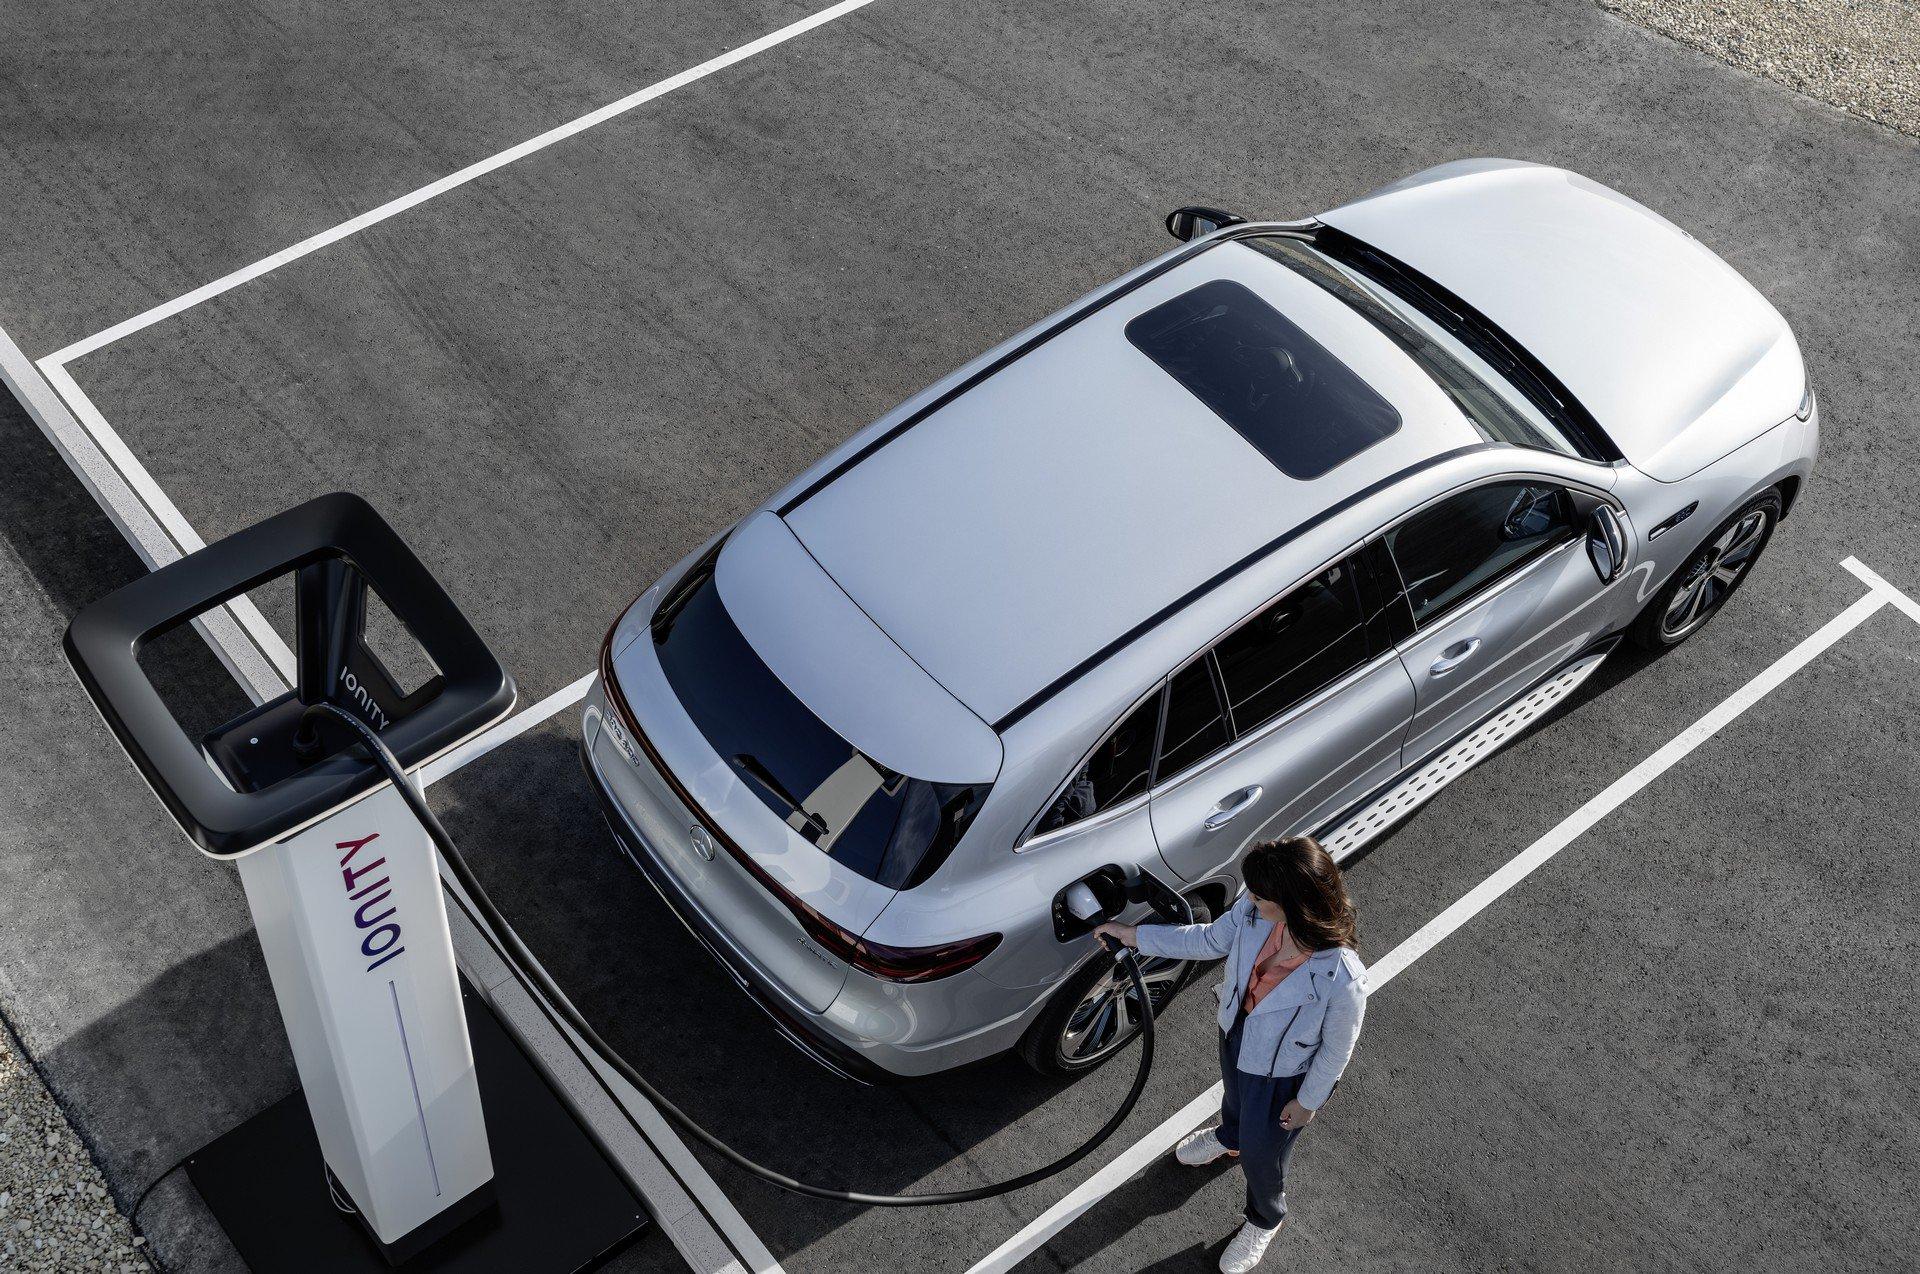 Mercedes EQC charging